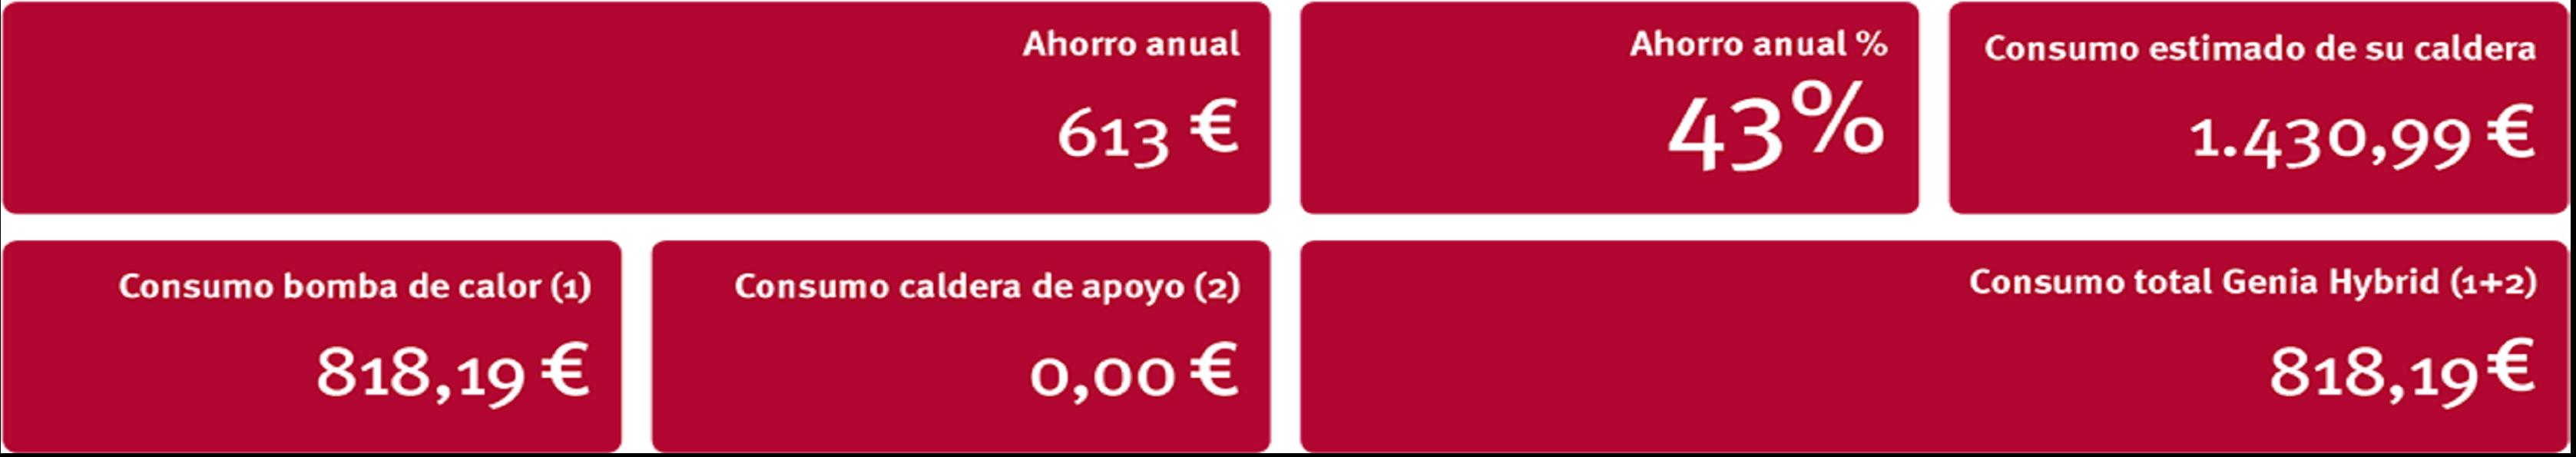 Grafico de cálculo ahorro de Seit Instalaciones